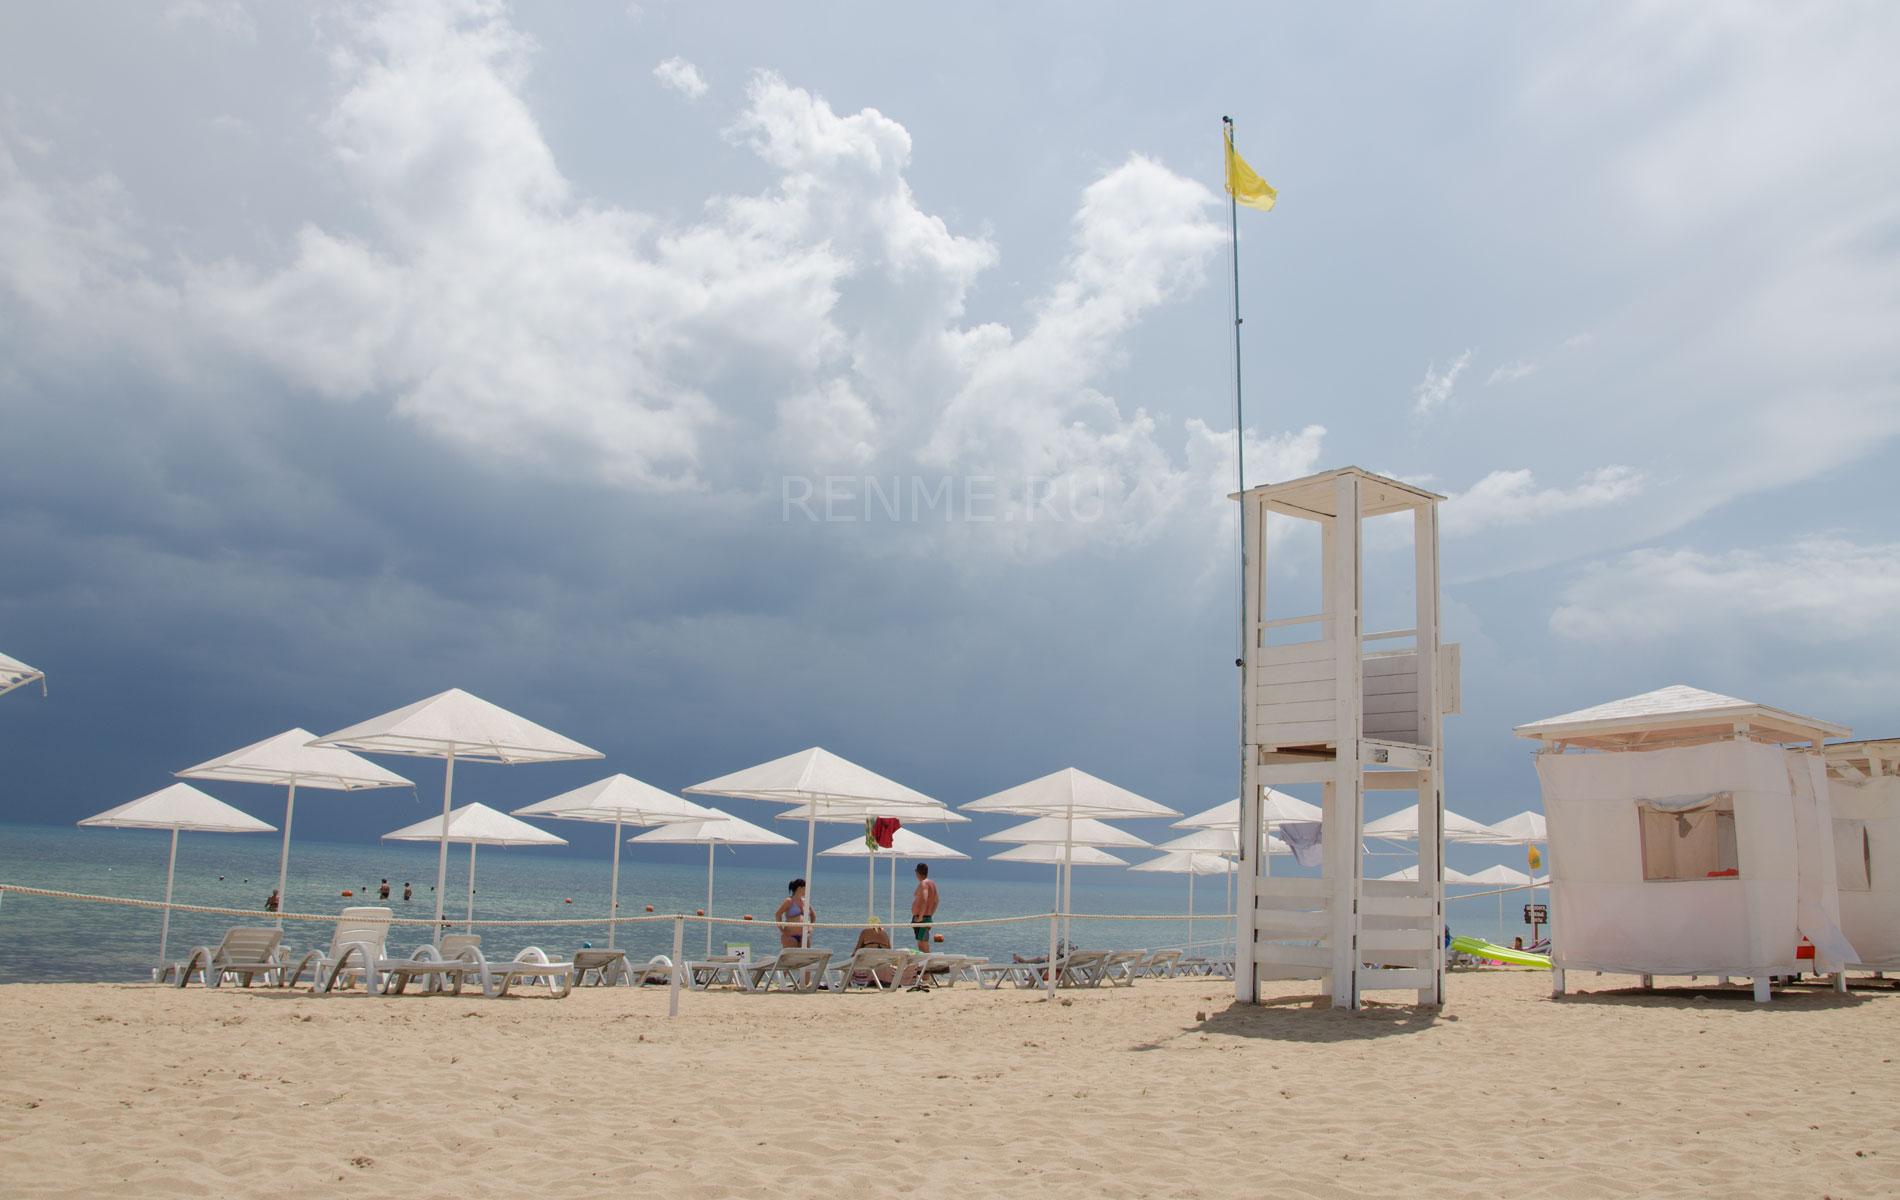 Спасательный пост на пляже. Фото Заозёрного